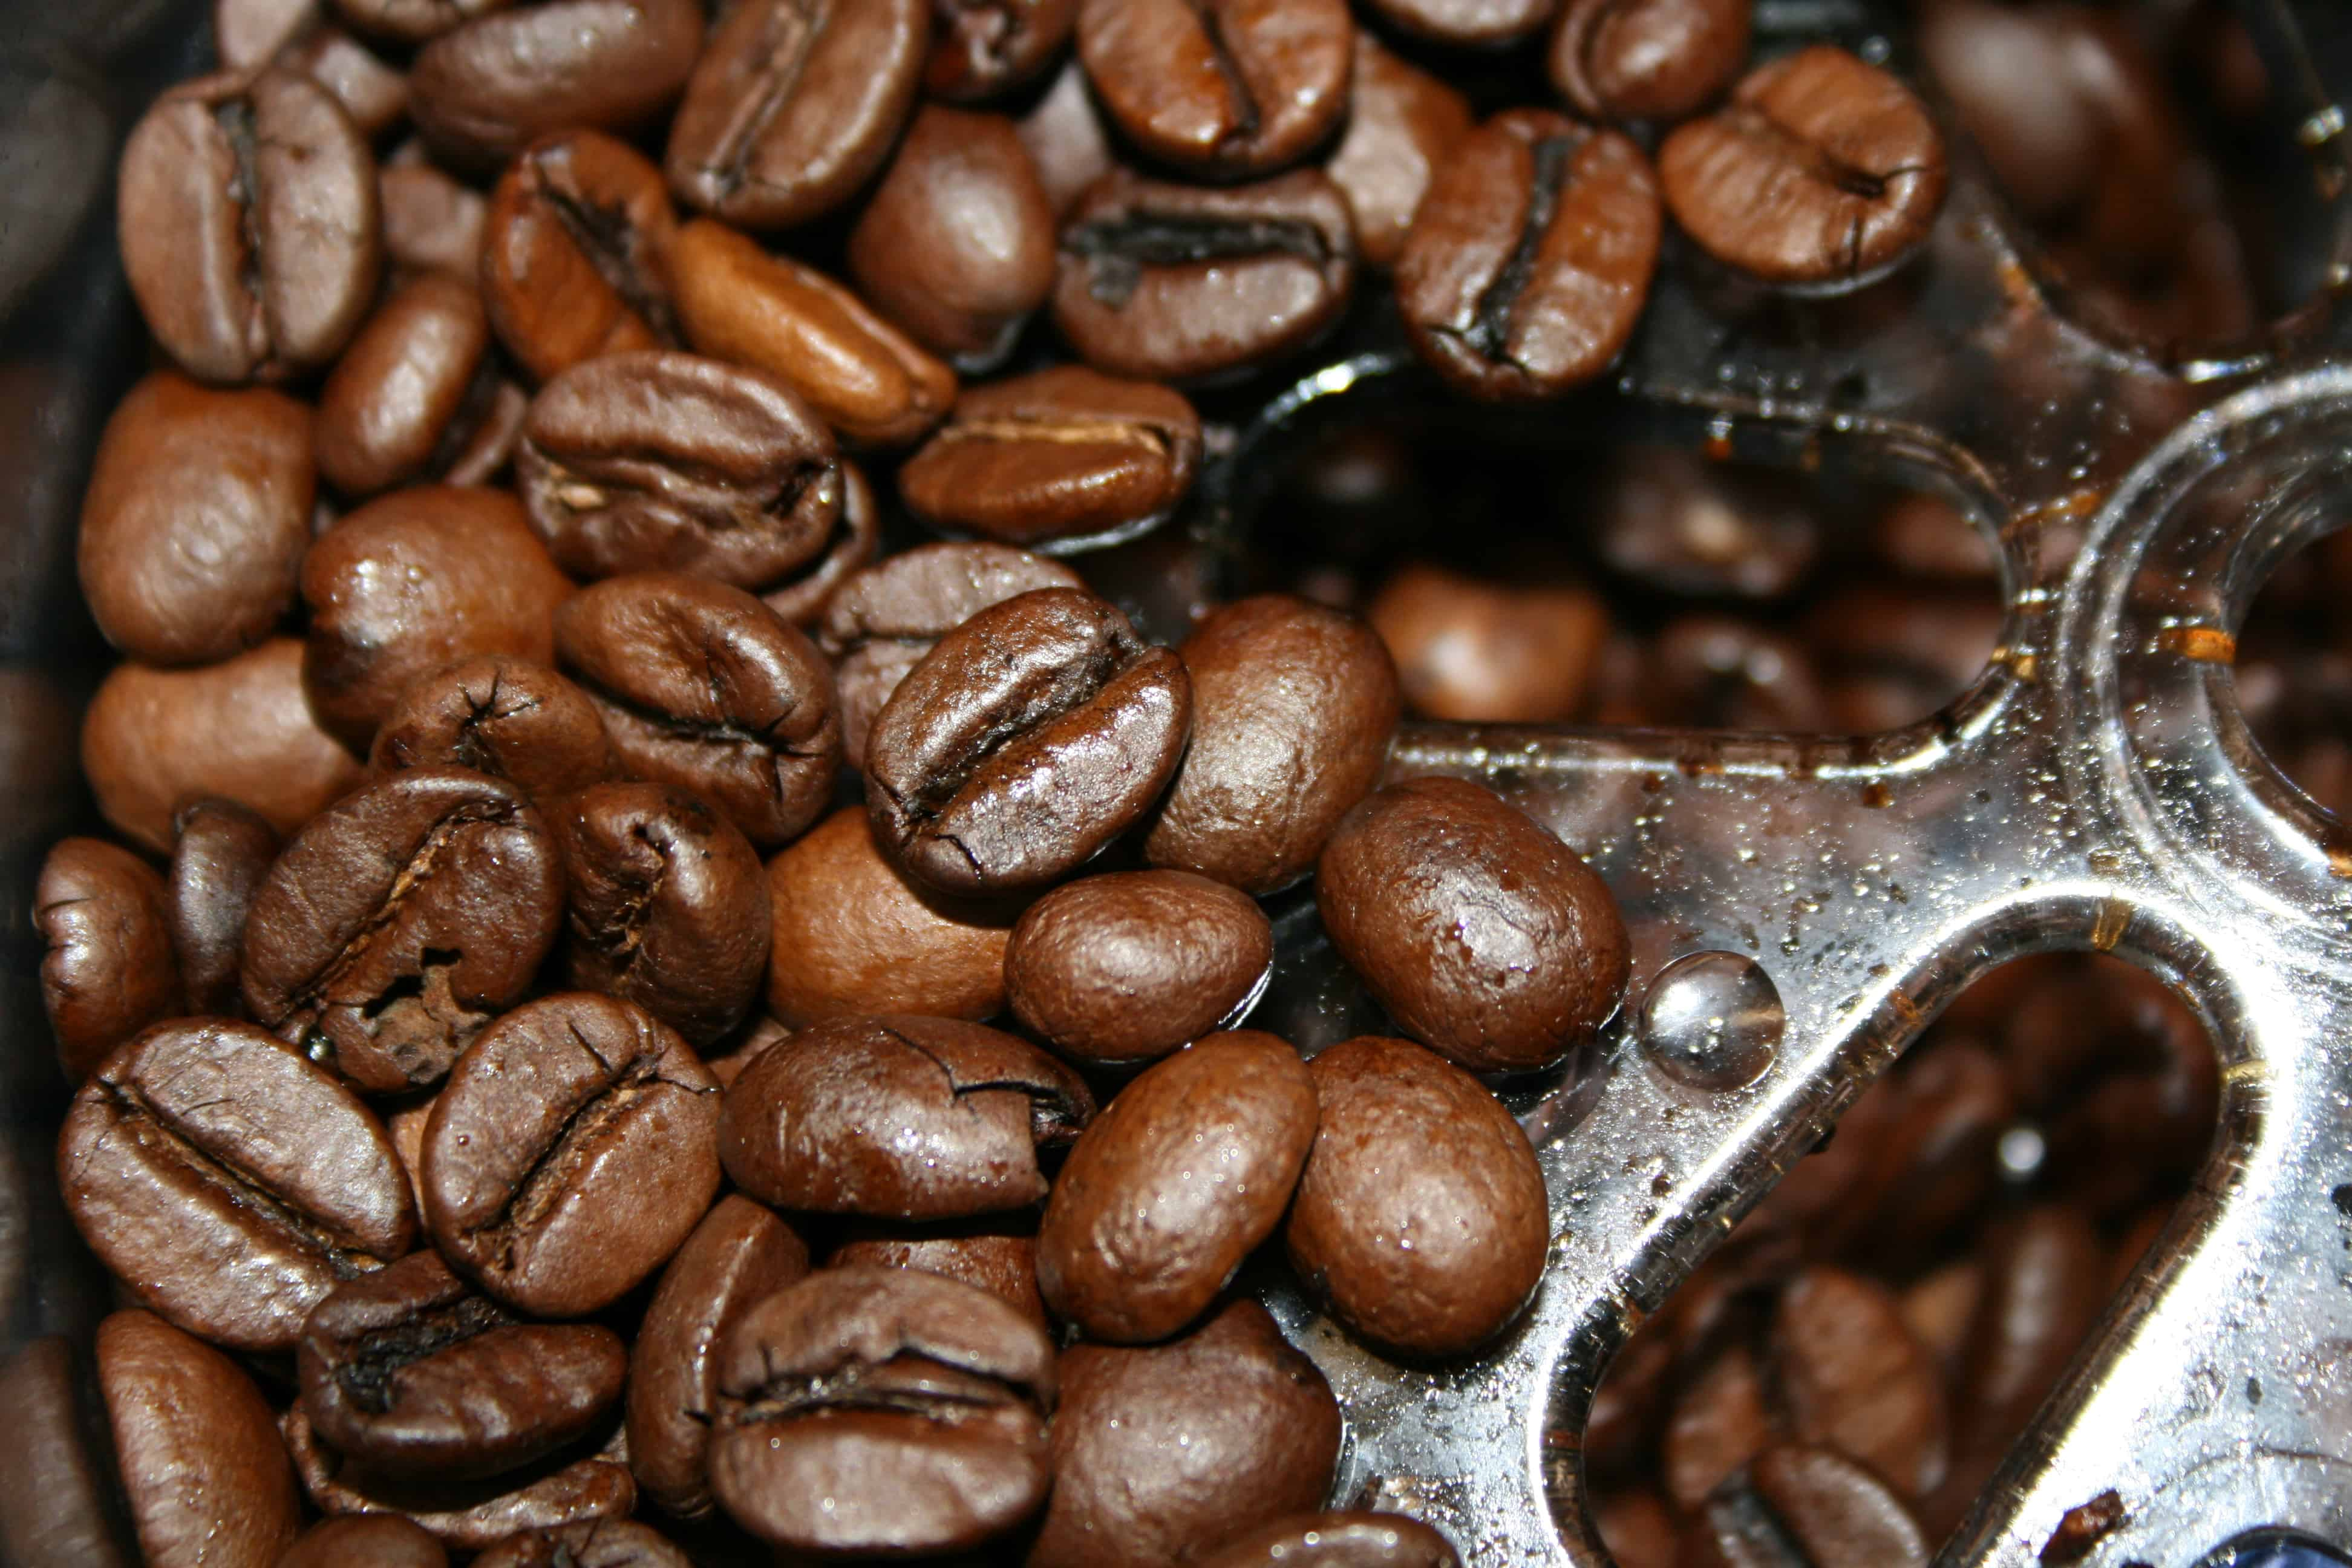 בייסיק של אסקסו- חווית קפה במחיר משתלם במיוחד